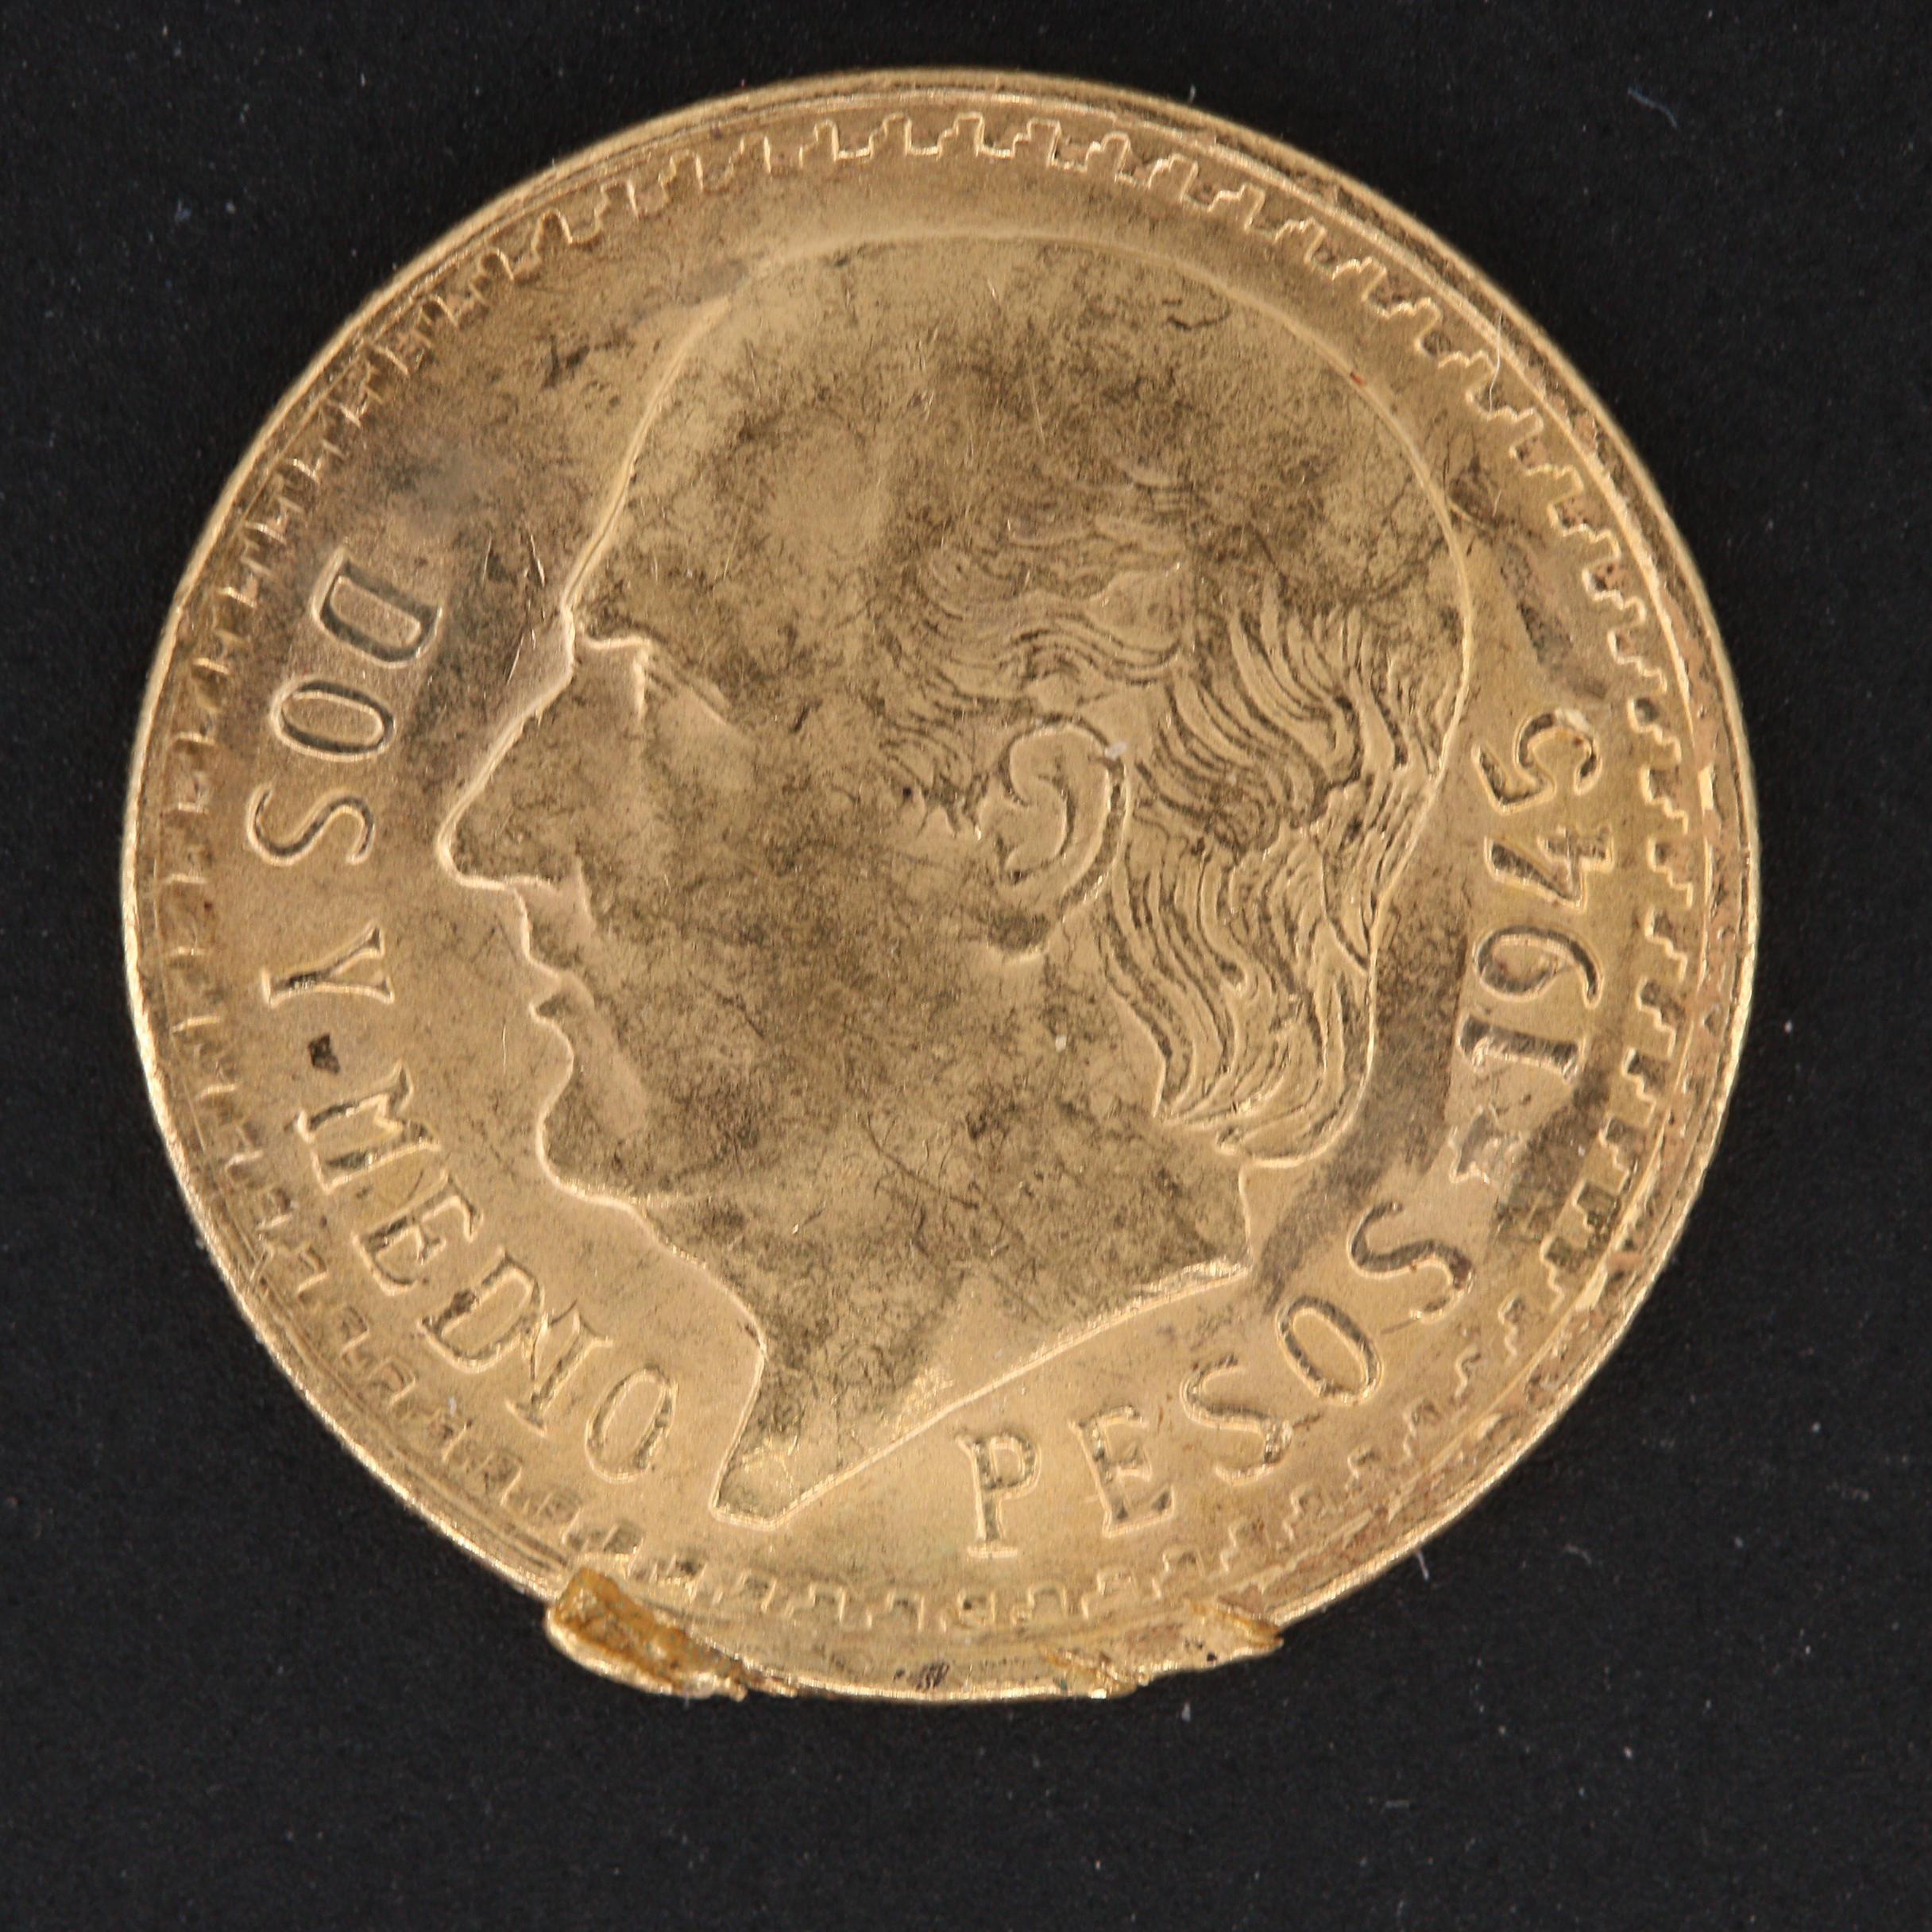 1945 Mexico 2 1/2 Pesos Restrike Gold Coin